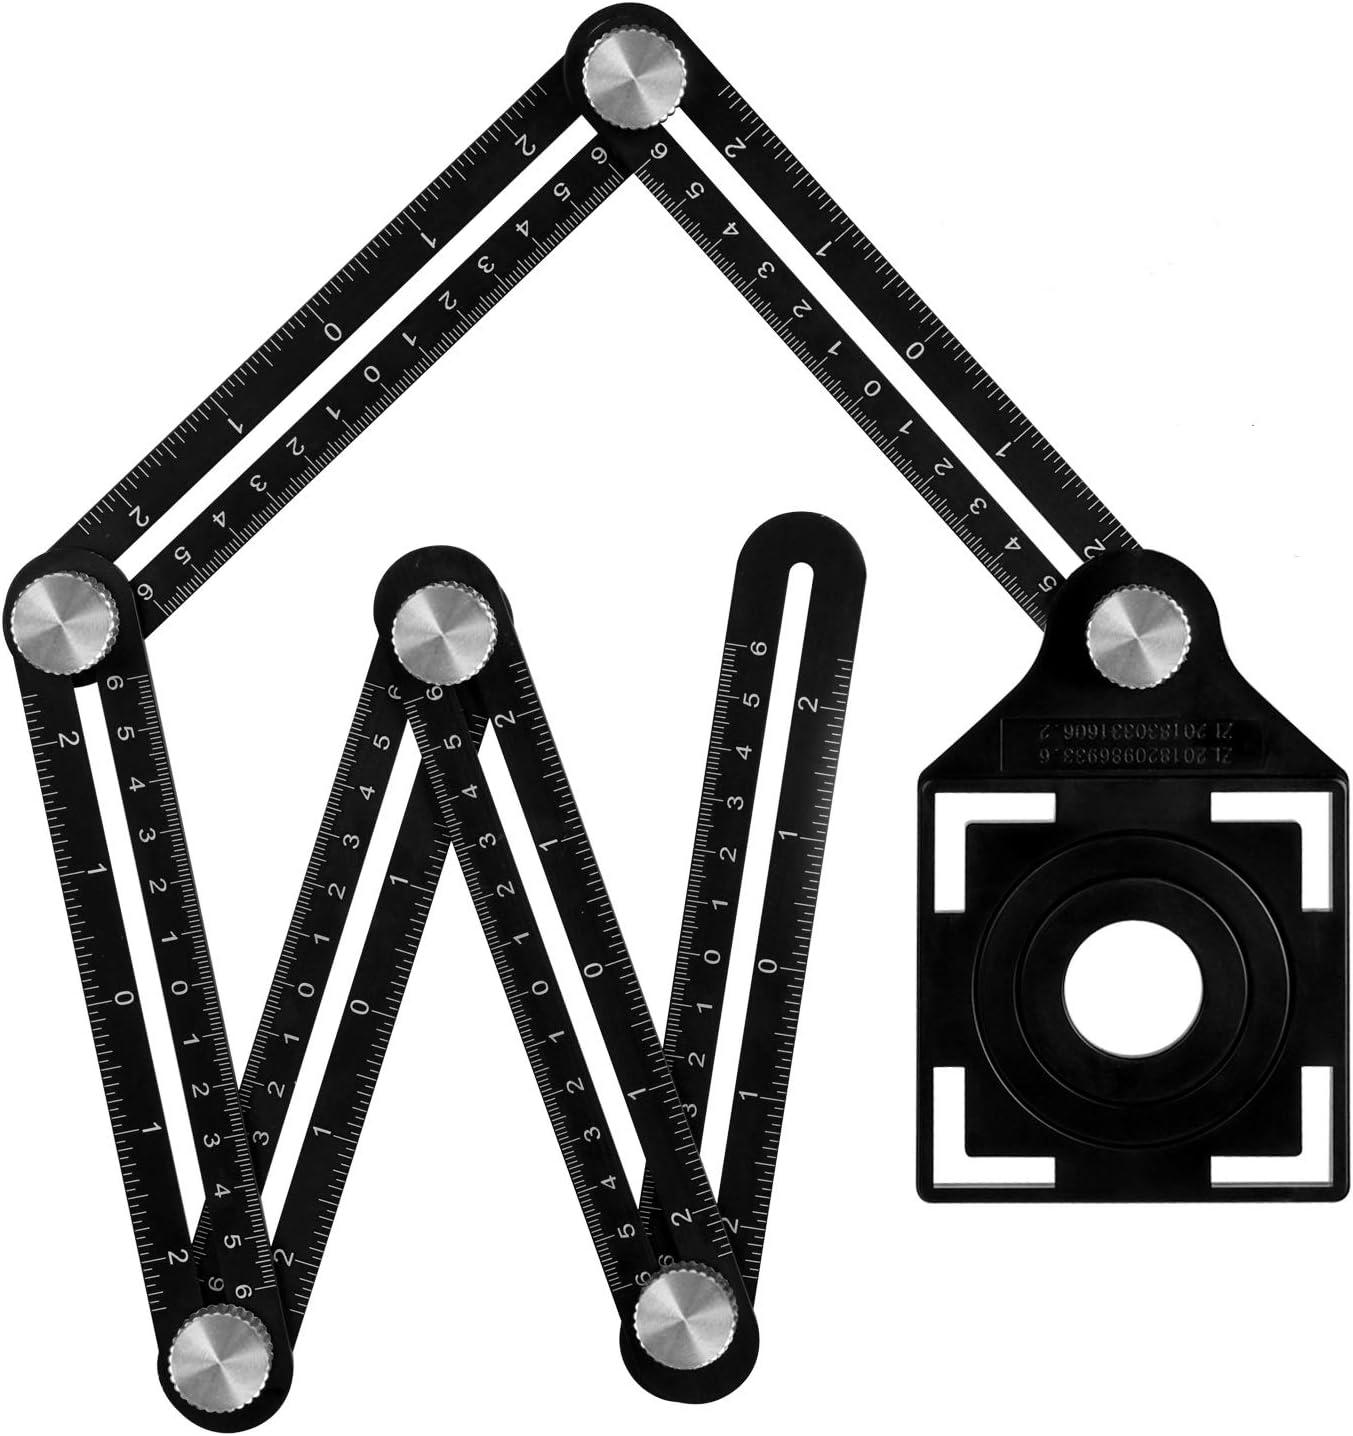 Regla de Medición Herramienta de Plantilla, Plegable Multi Angulo Regla de Medidas para Artesano, Constructor, Carpintero, Arquitecto【Aleación de Aluminio】: Amazon.es: Bricolaje y herramientas